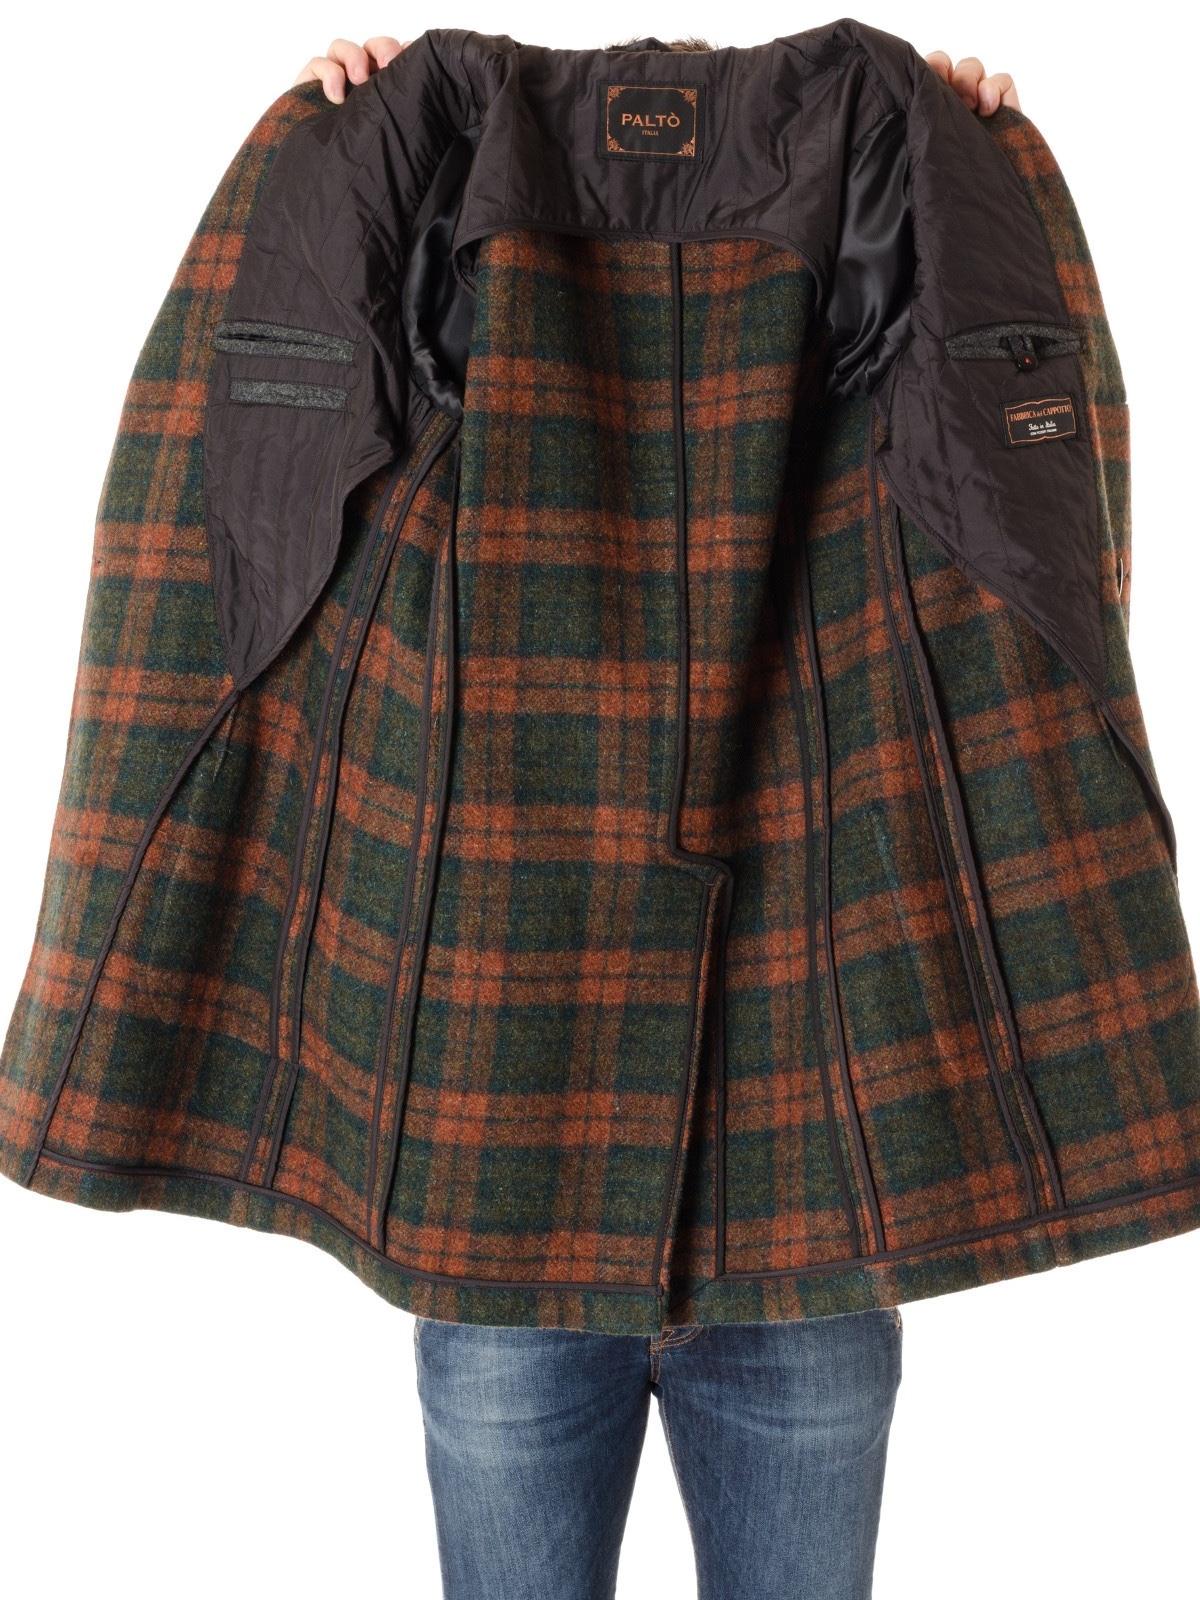 cappotto-per-uomo-ai-palto-verderuggine-pino-16-clan (6).jpg